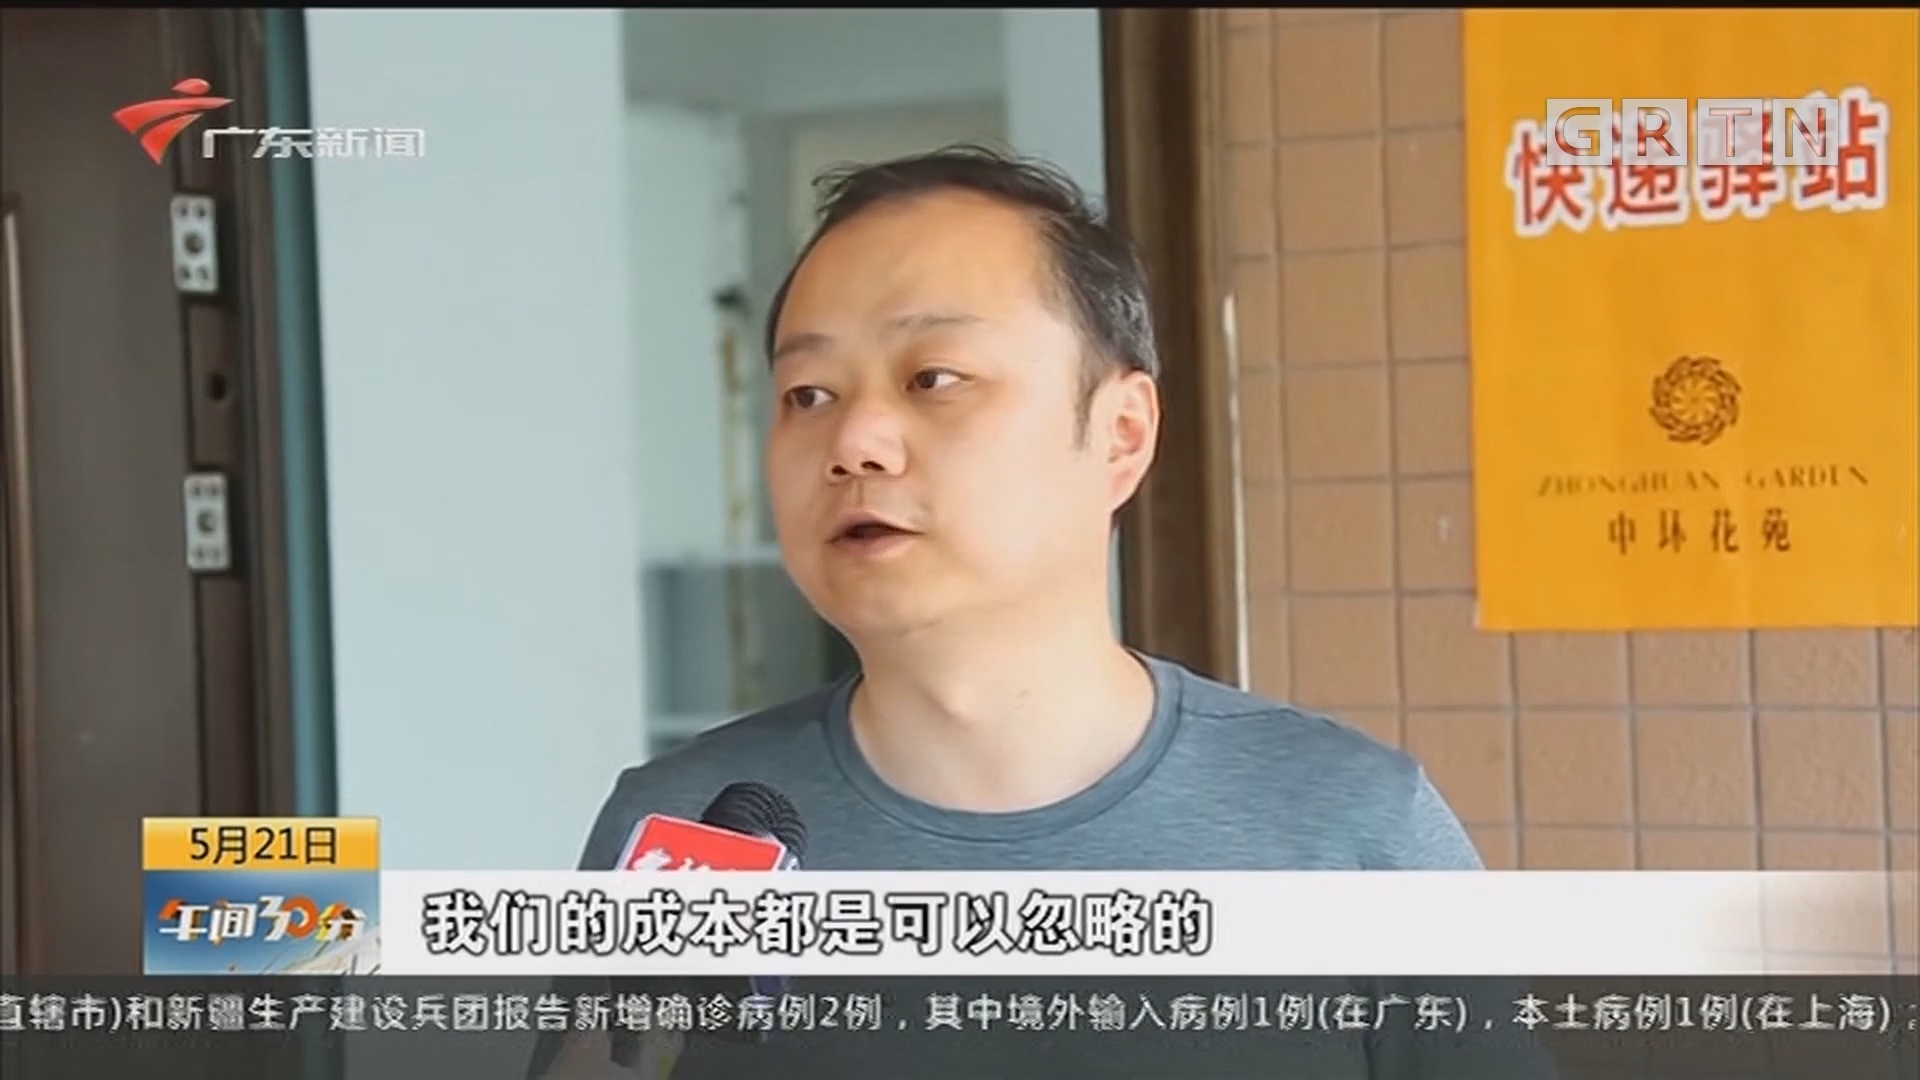 上海首个停用丰巢小区自建快递柜